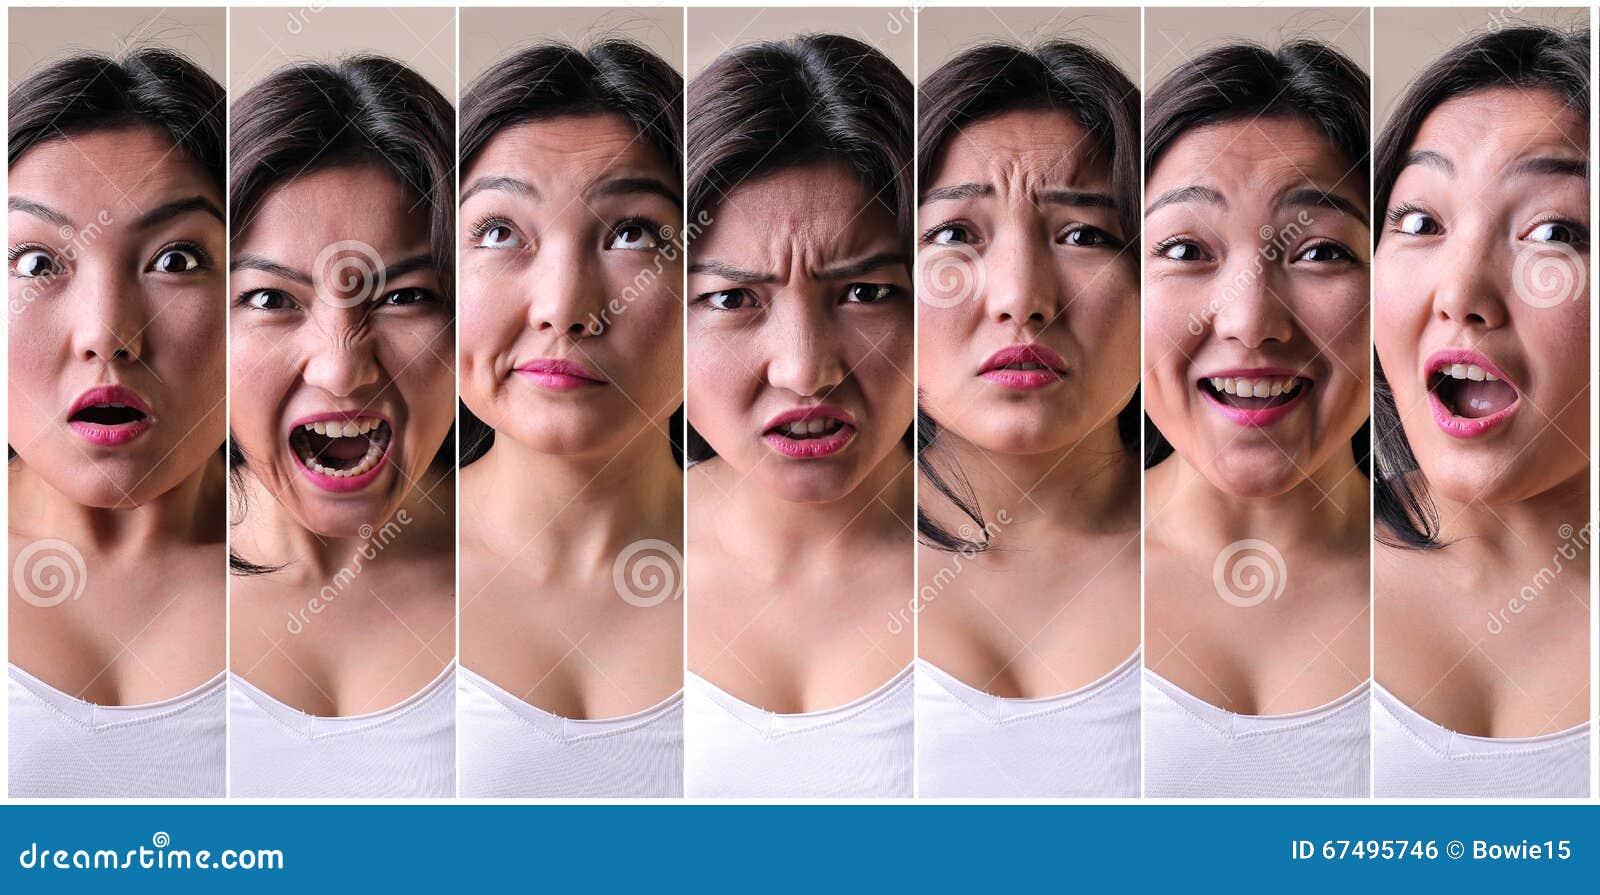 Série de expressões faciais